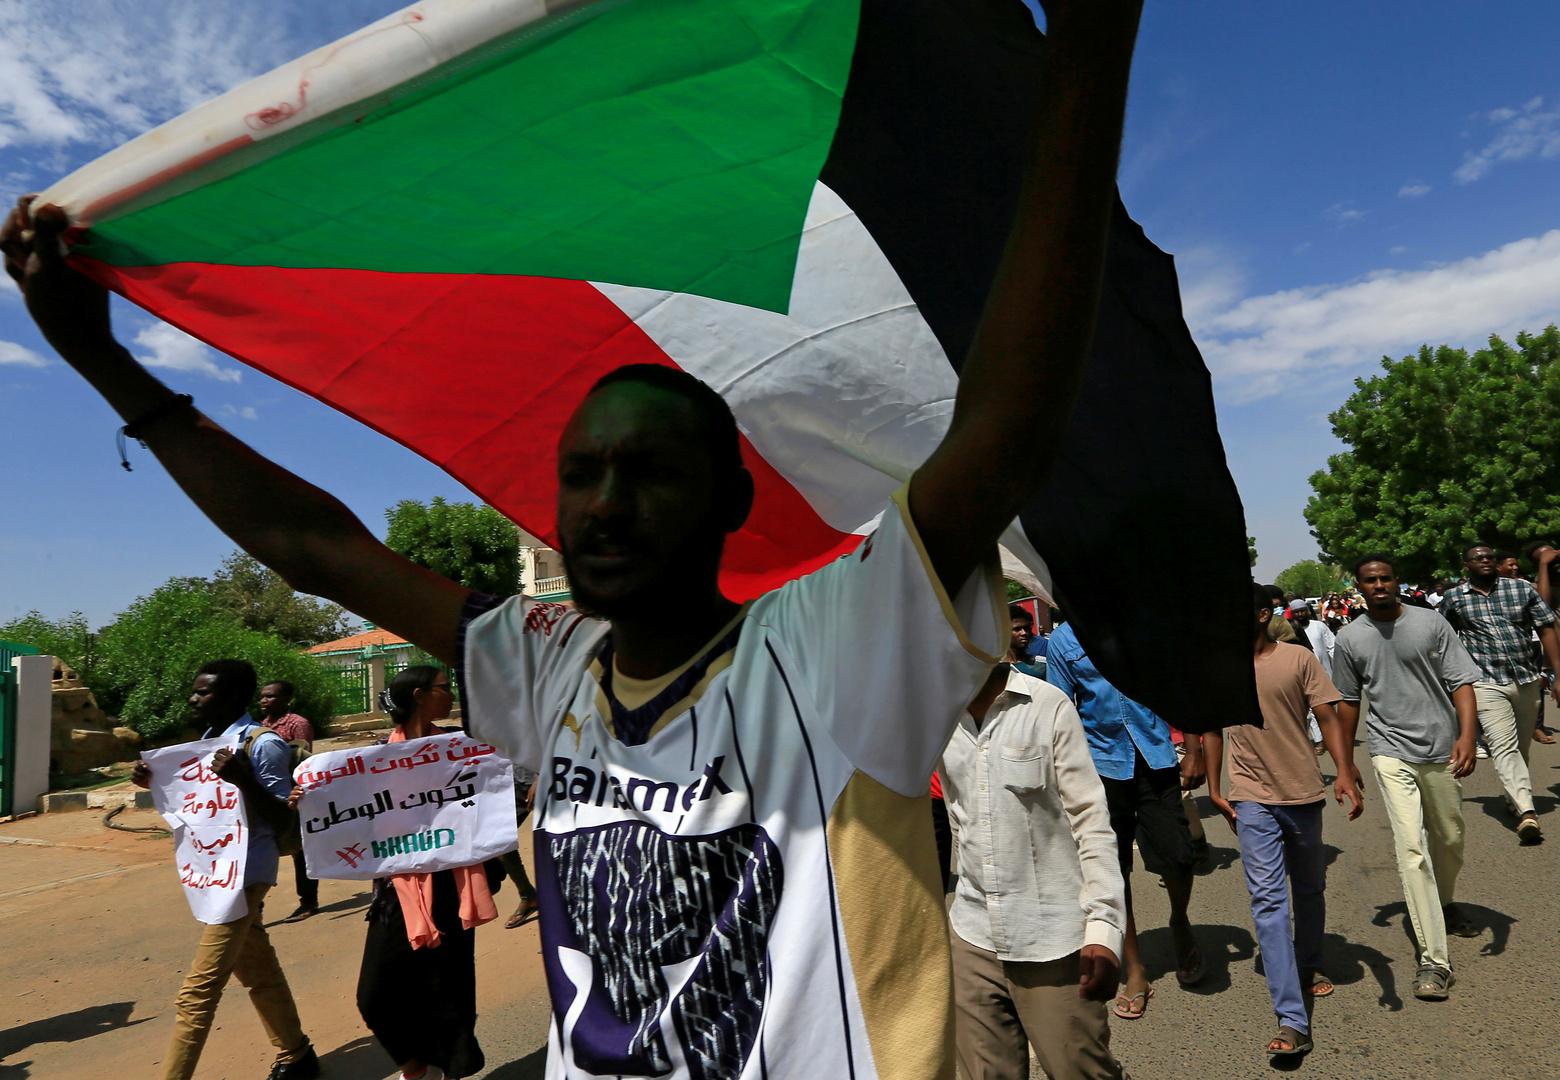 بيان شديد اللهجة للخرطوم: إساءة إثيوبيا للسودان واتهامه بالعمالة لأطراف أخرى إهانة بليغة لا تغتفر